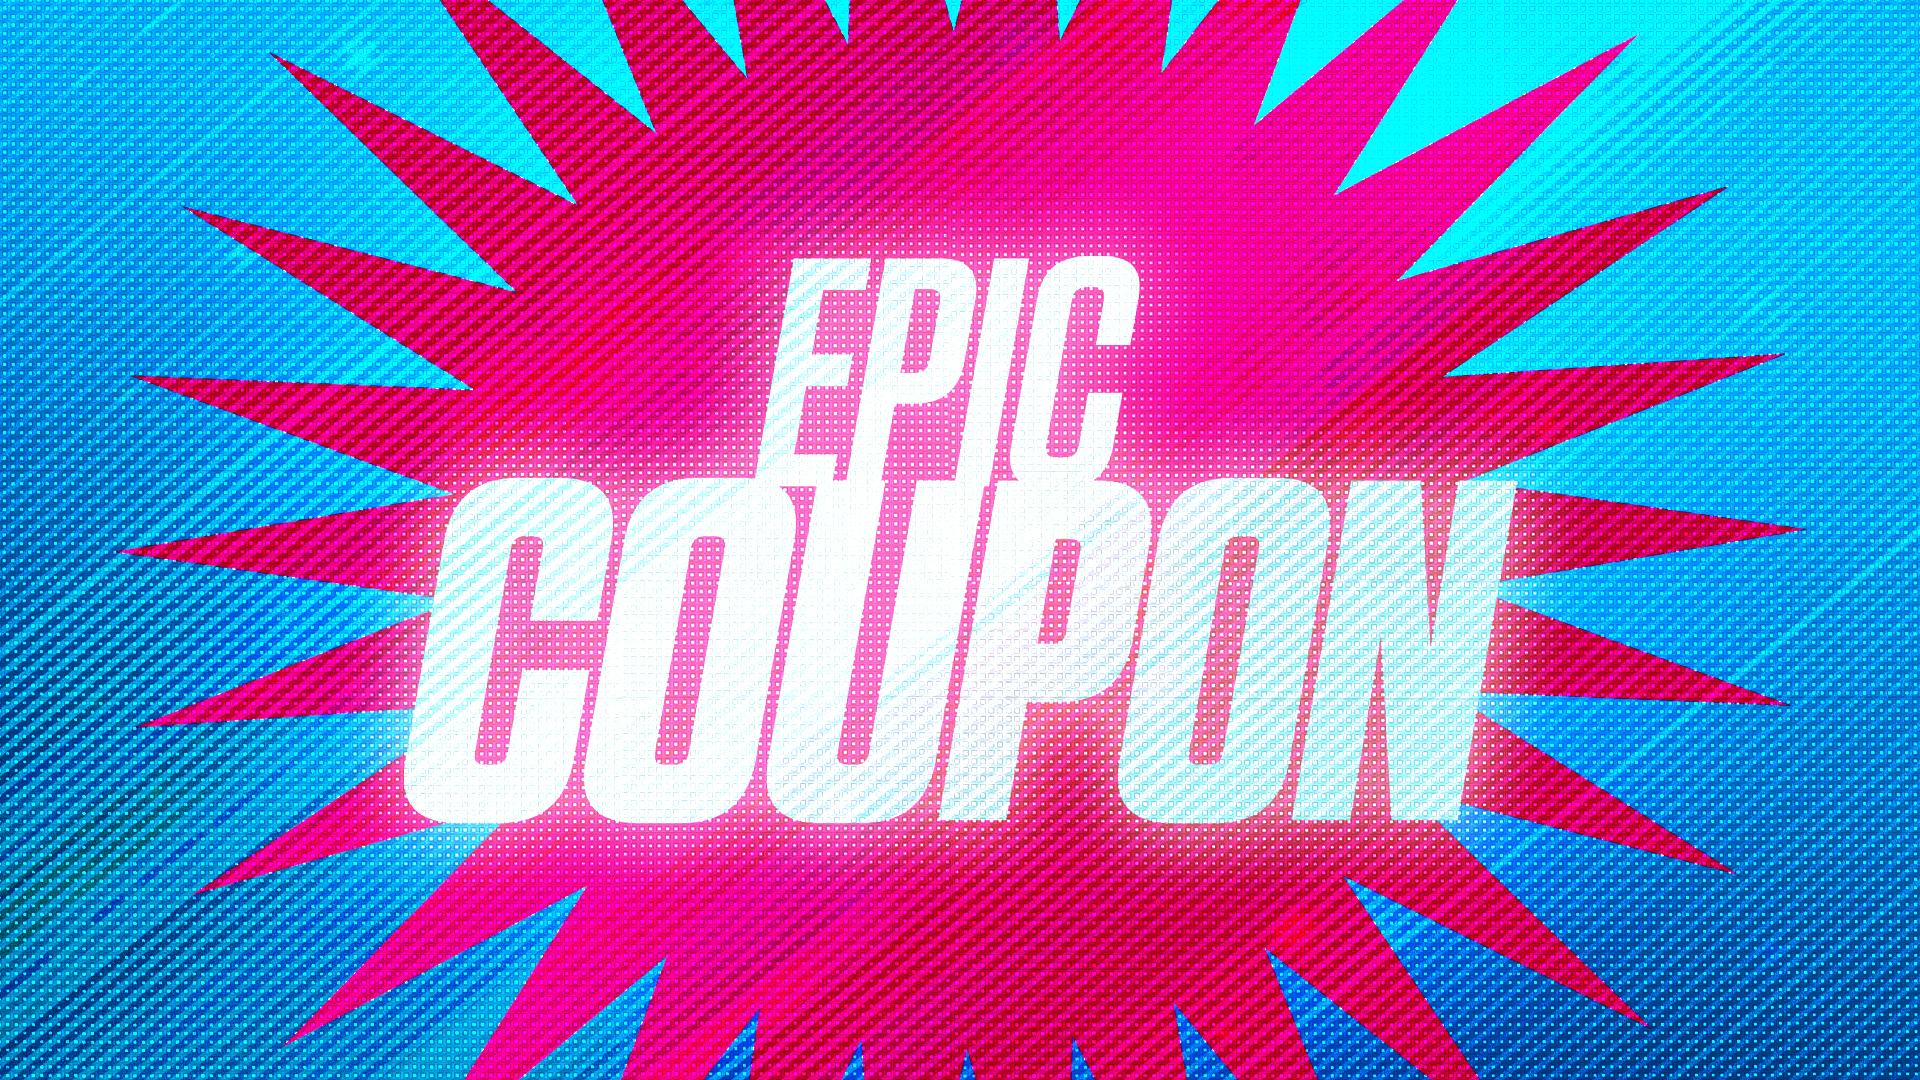 Epic games coupon 10 euro voor games boven de 14.99 Je krijgt telkens een nieuwe coupon @epic games